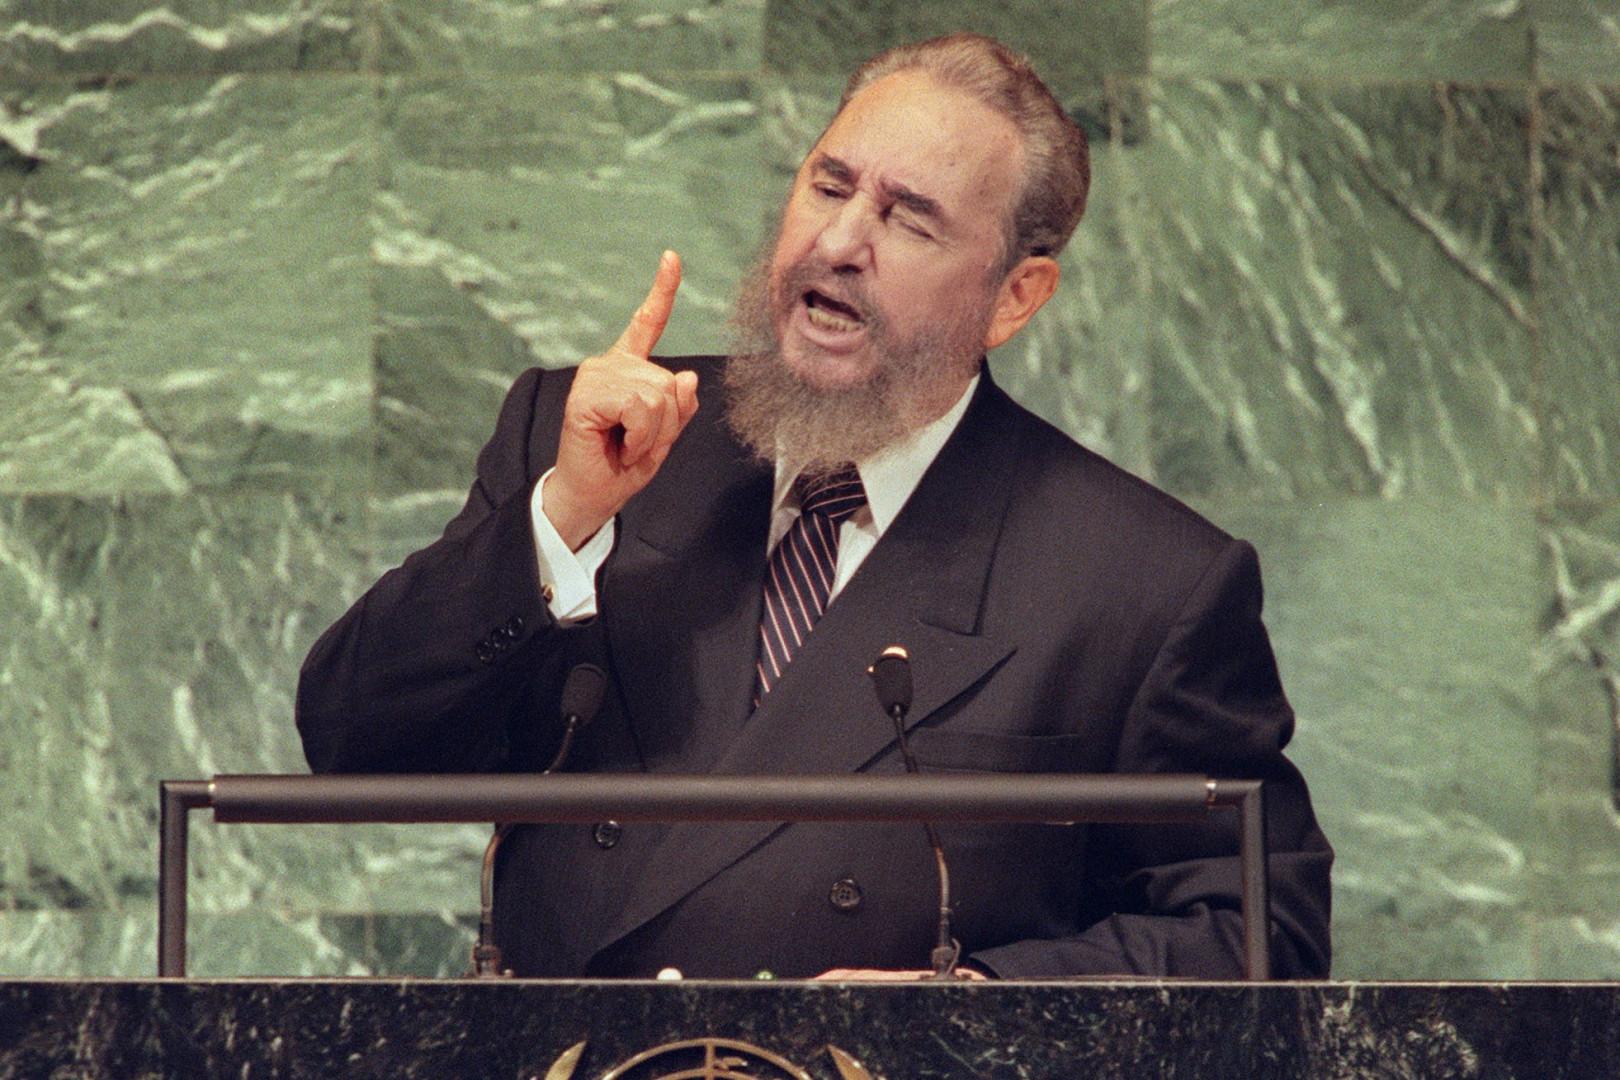 Fidel Castro s'exprime à la tribune dans un discours au siège de l'ONU en octobre 1995.